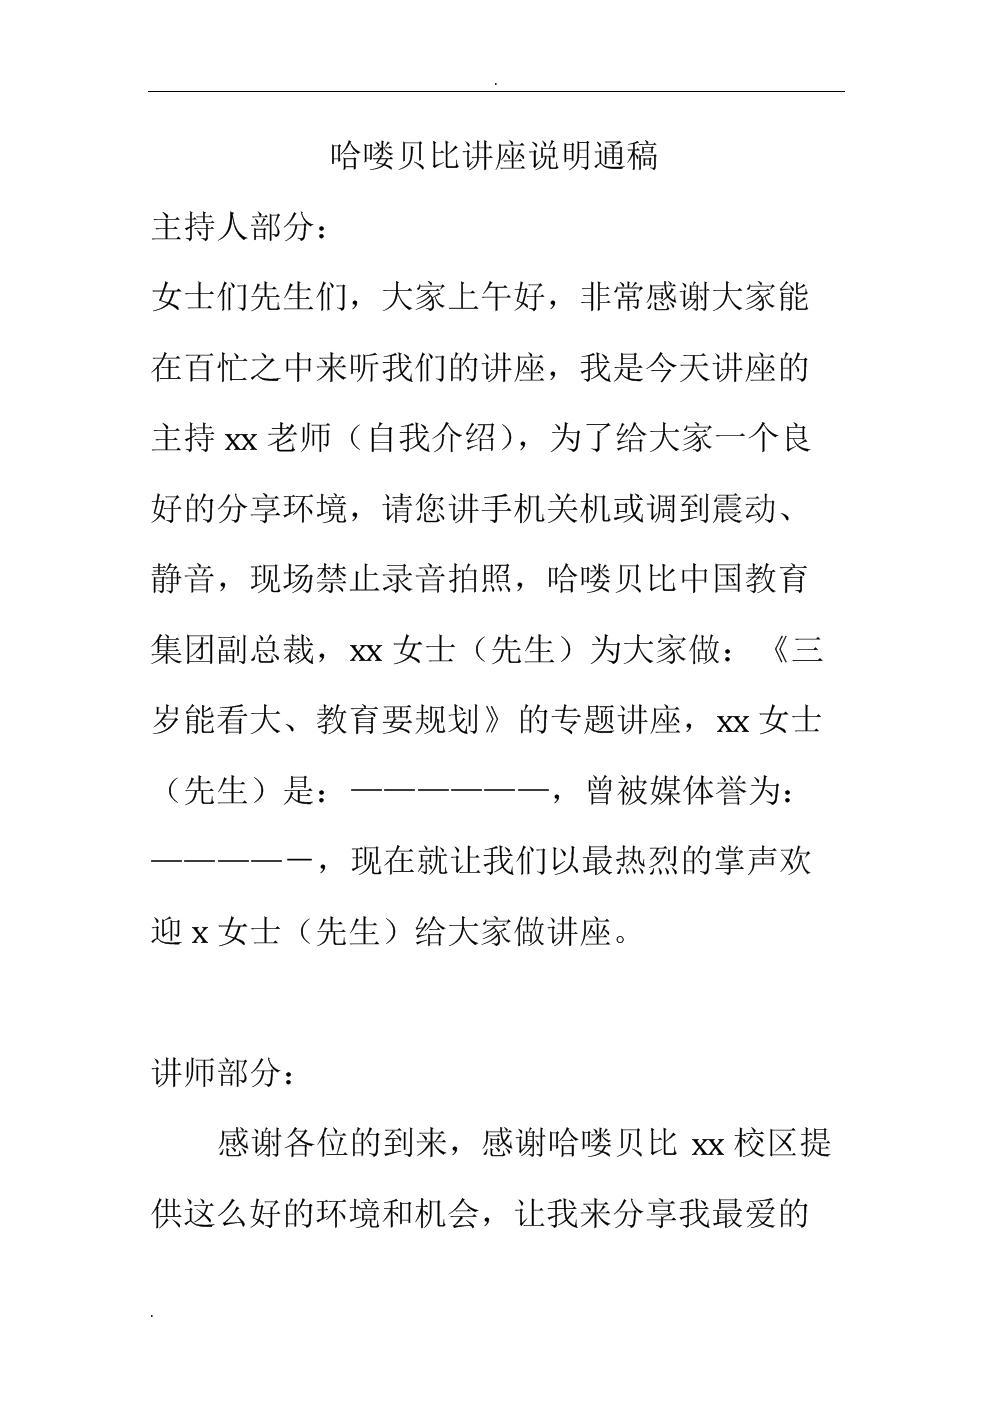 早教讲座说明通稿.doc